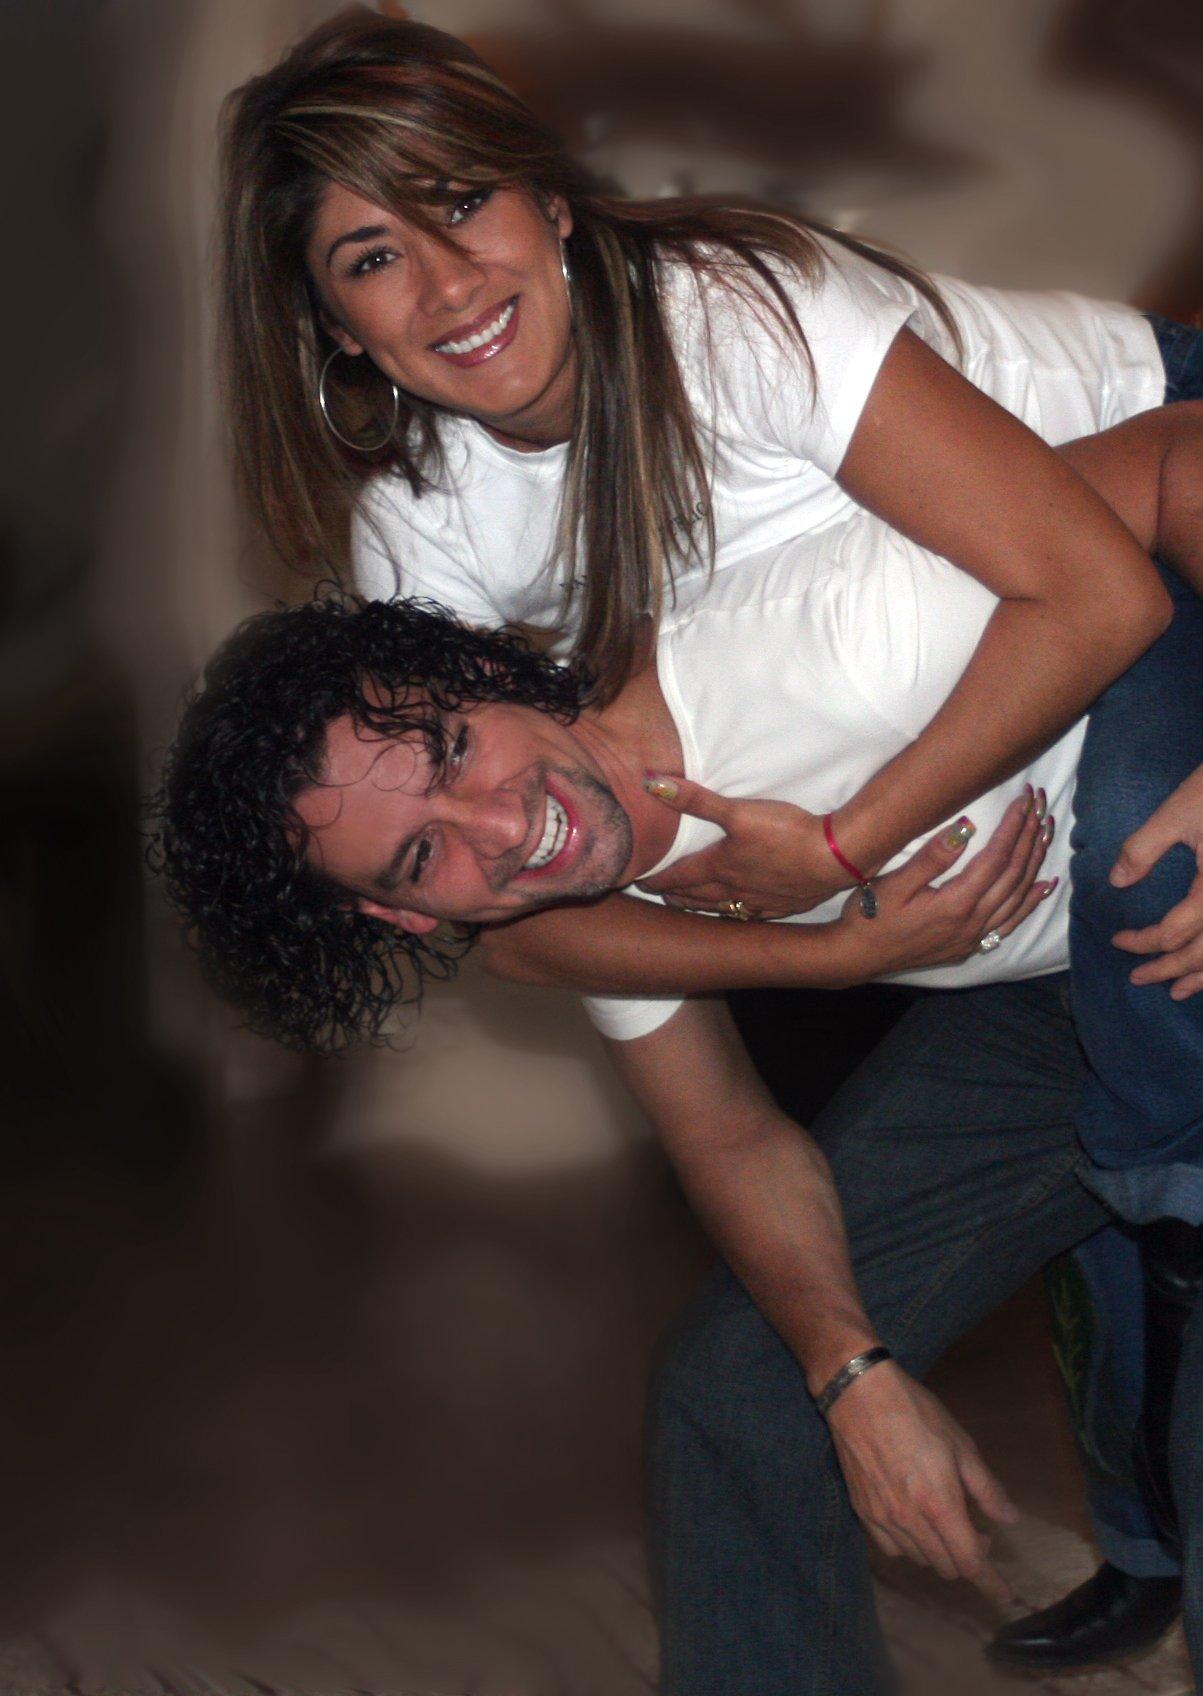 Budujúce a láskyplné manželstvo ZDRAVÉ SEBAVEDOMIE ako predpoklad pre fungujúcu rodinu